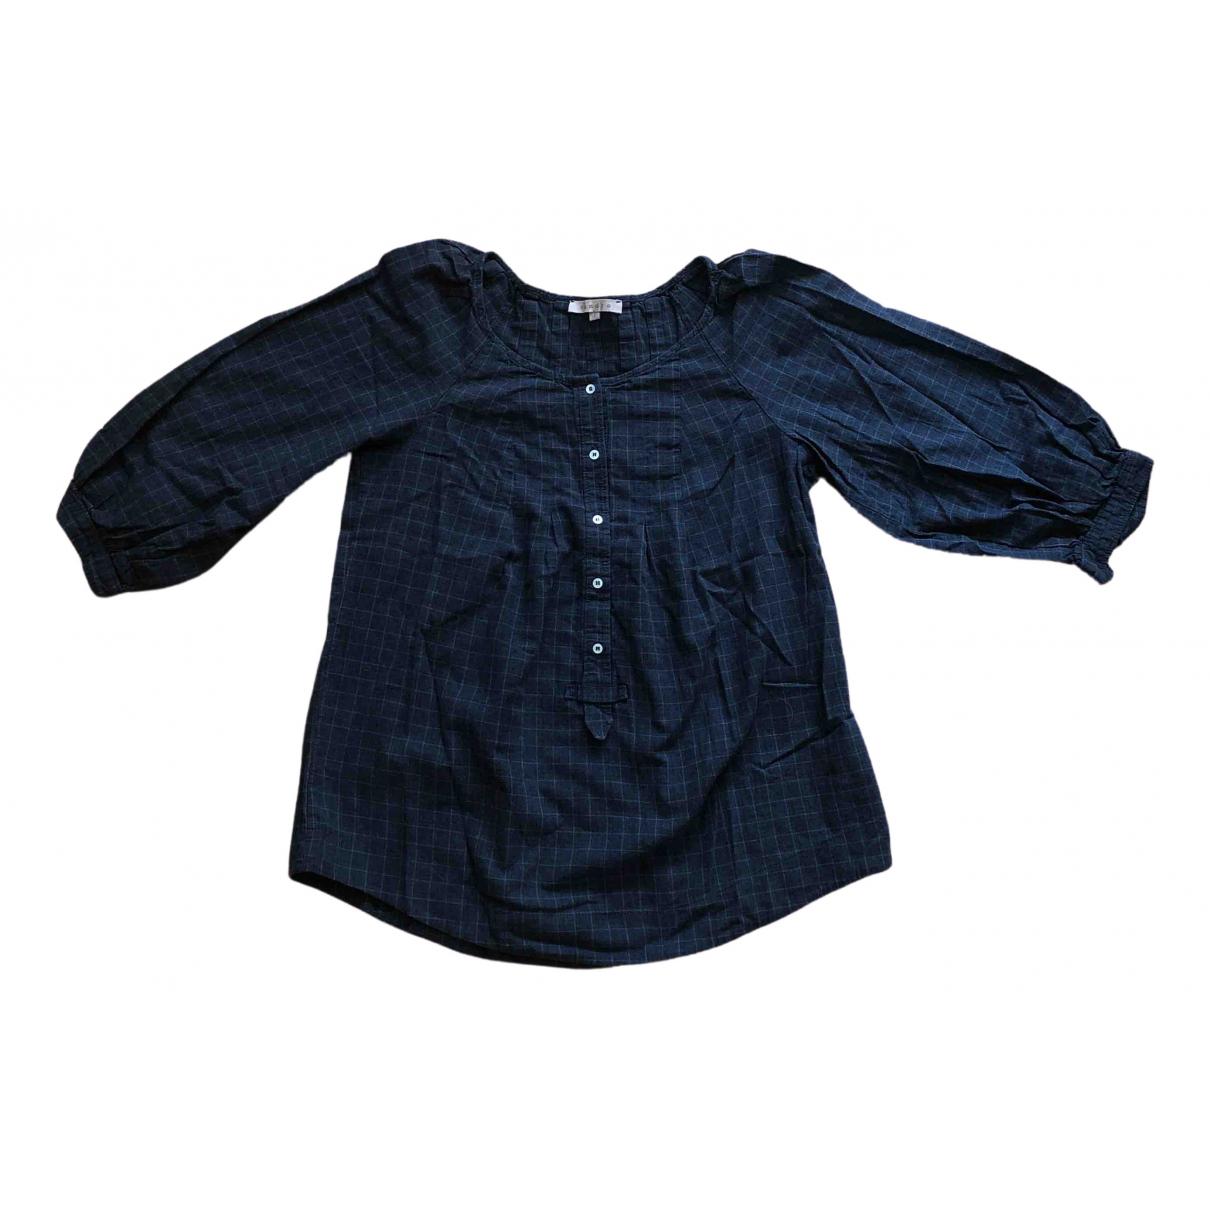 Sandro - Top   pour femme en coton - anthracite